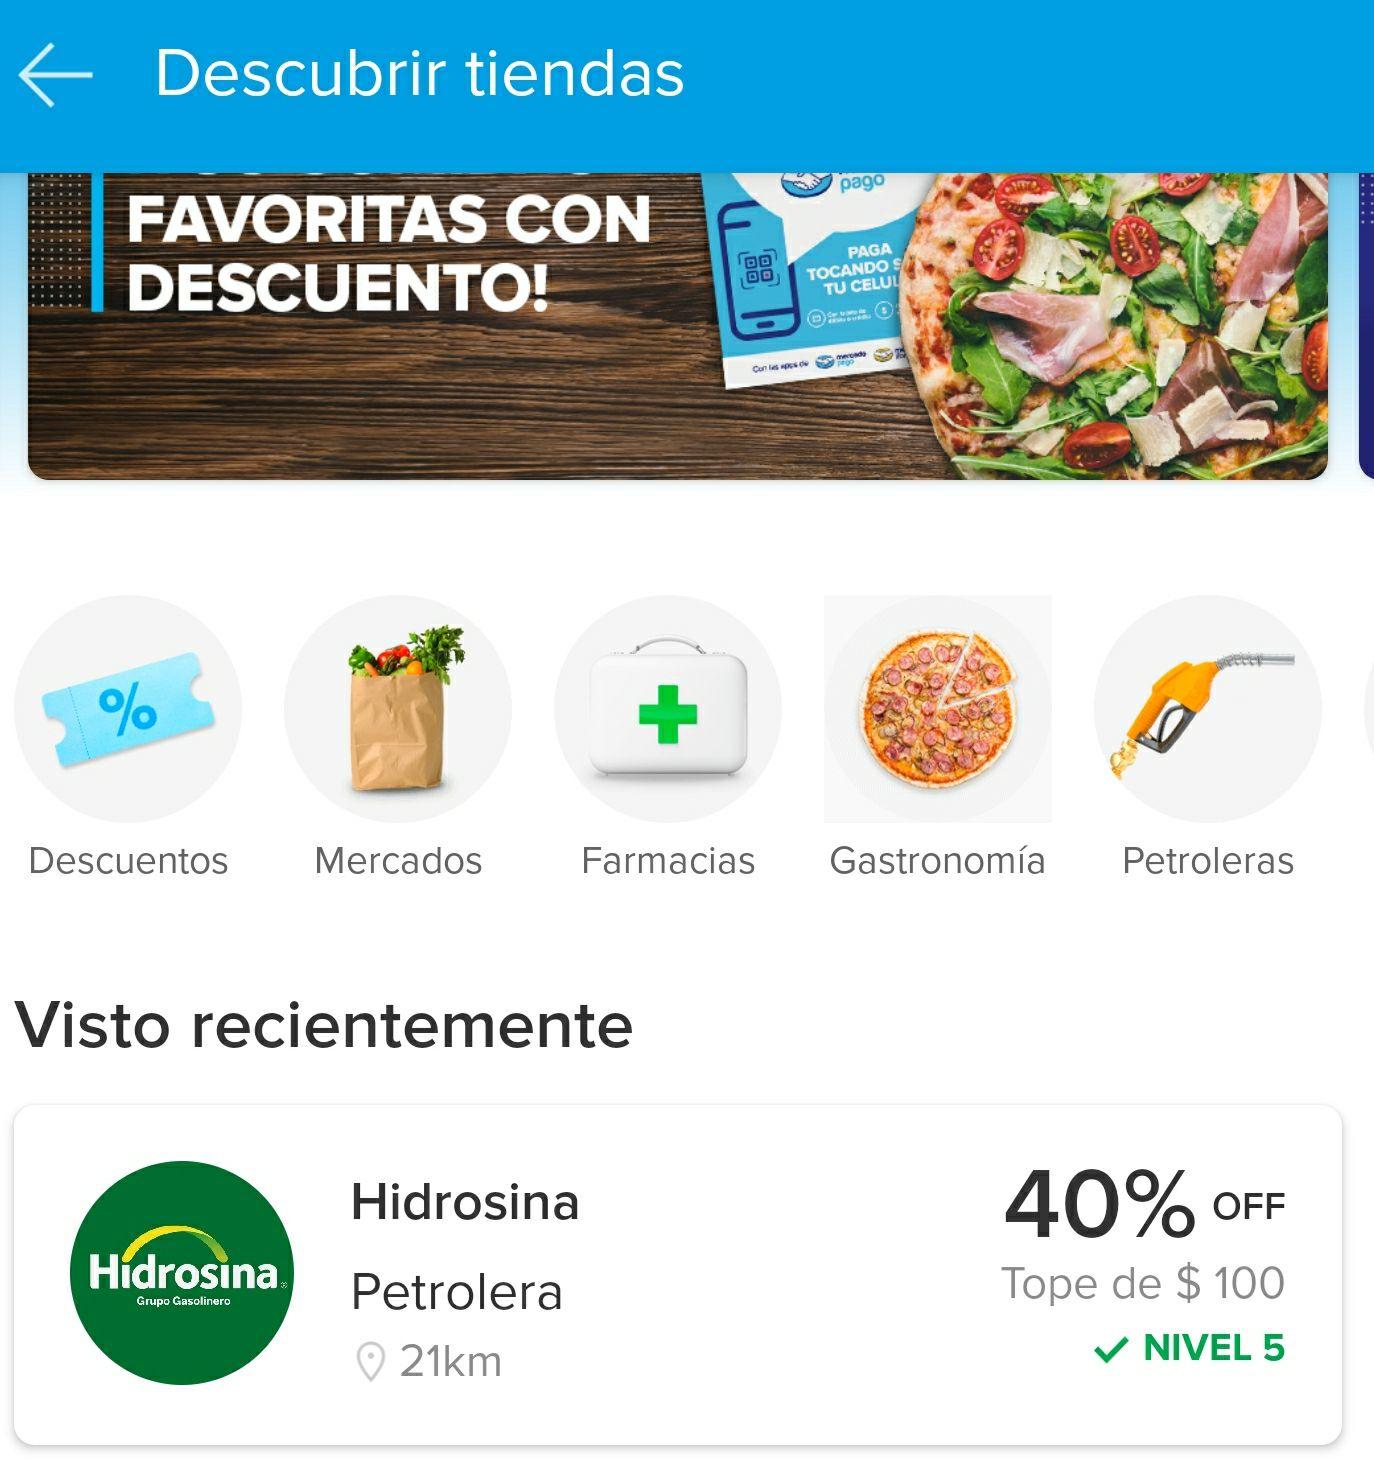 Mercado pago: Descuento de 40% en Hidrosina límite $100, Nivel 5